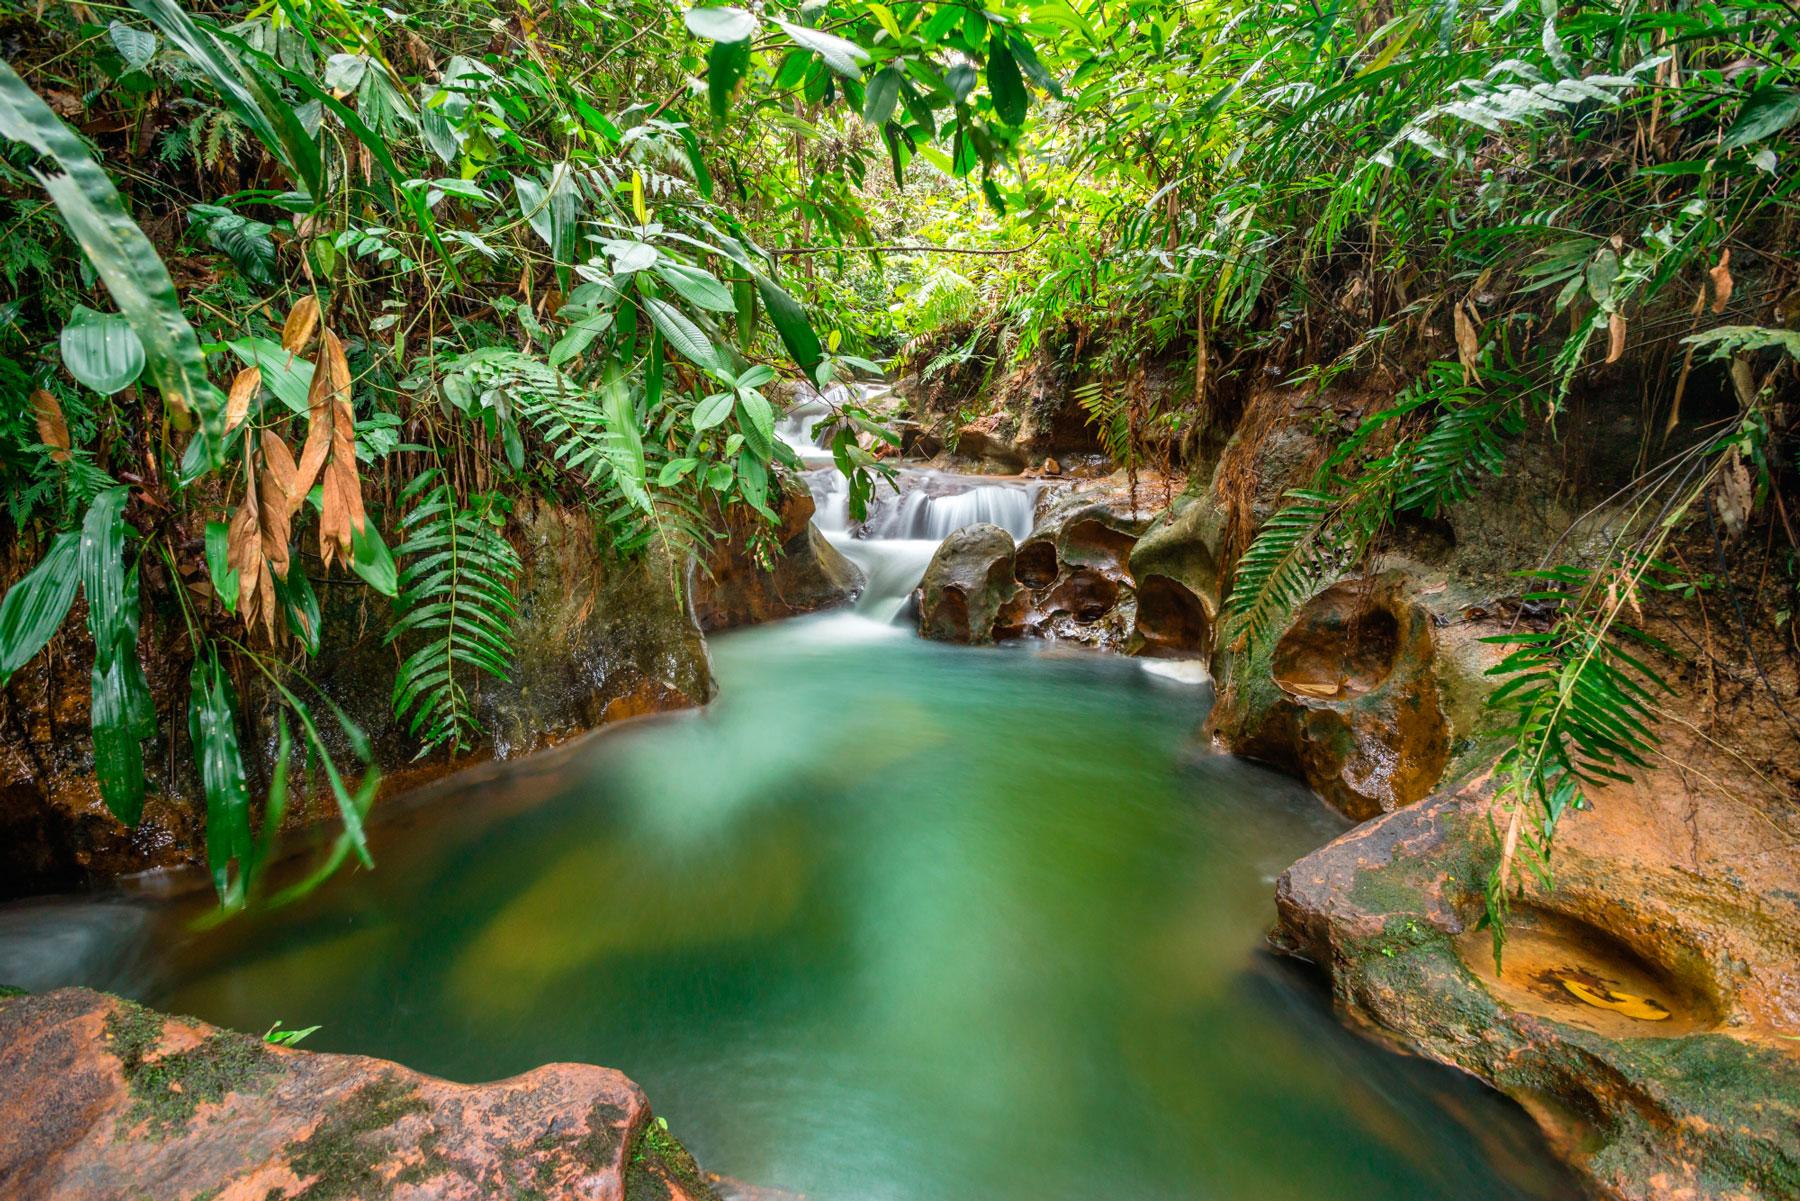 Parque ecol gico el para so de pedro portal de turismo for El paraiso de las alfombras